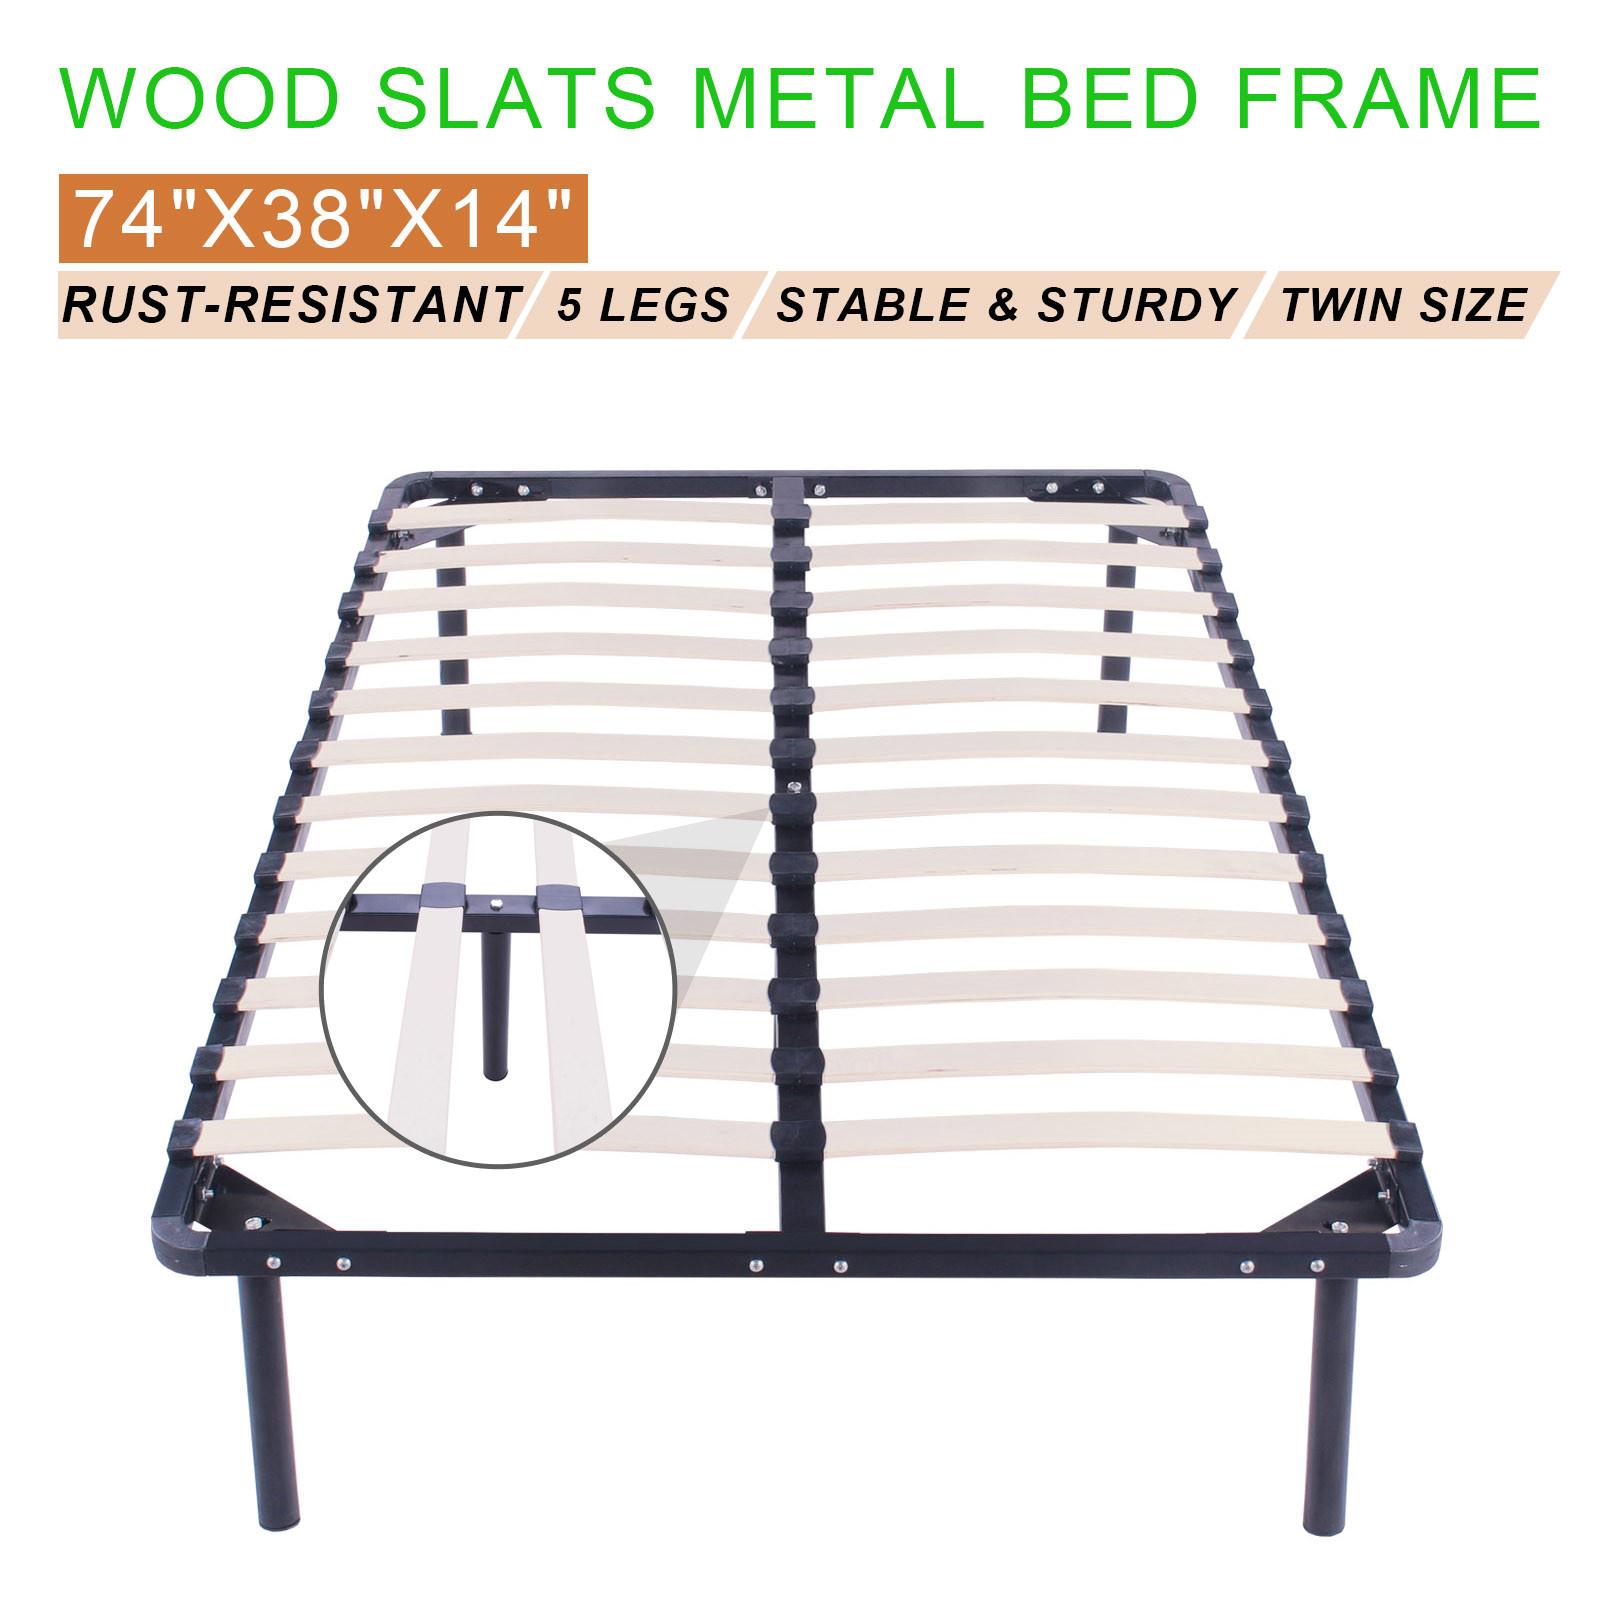 twin size wood slats metal bed frame platform bedroom mattress foundation ebay. Black Bedroom Furniture Sets. Home Design Ideas